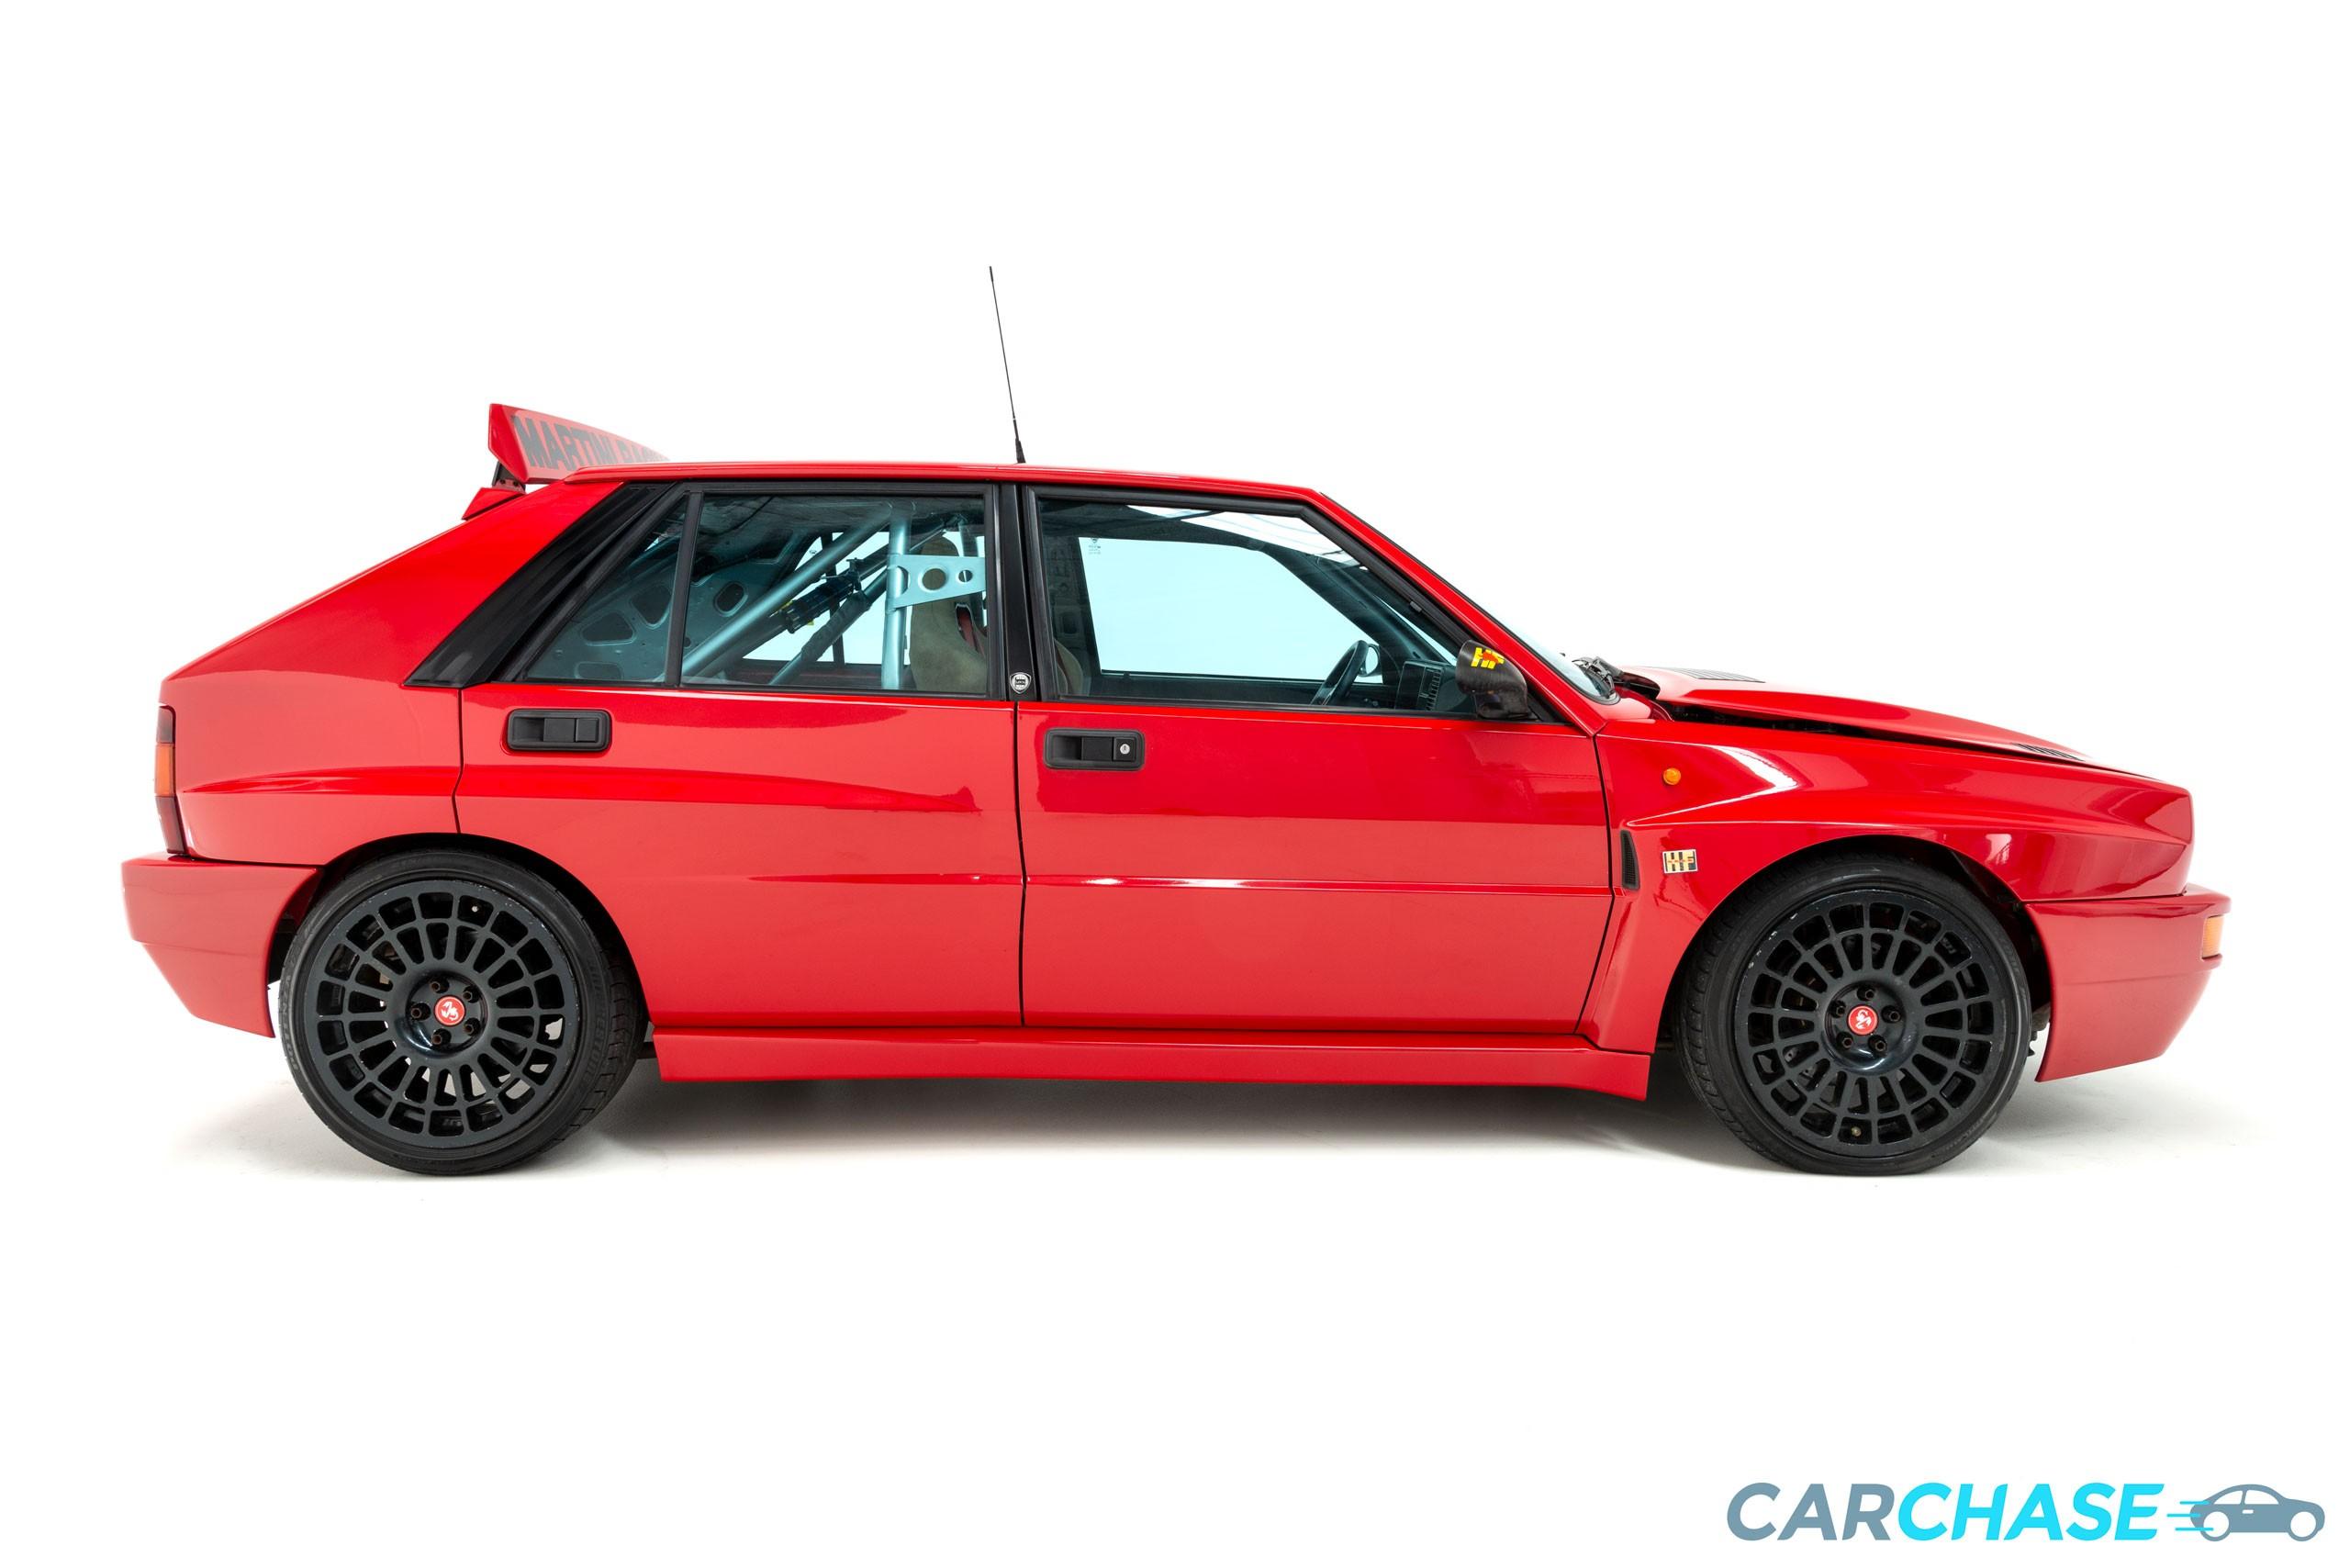 Image of right profile of 1993 Lancia Delta Integrale Evo 2